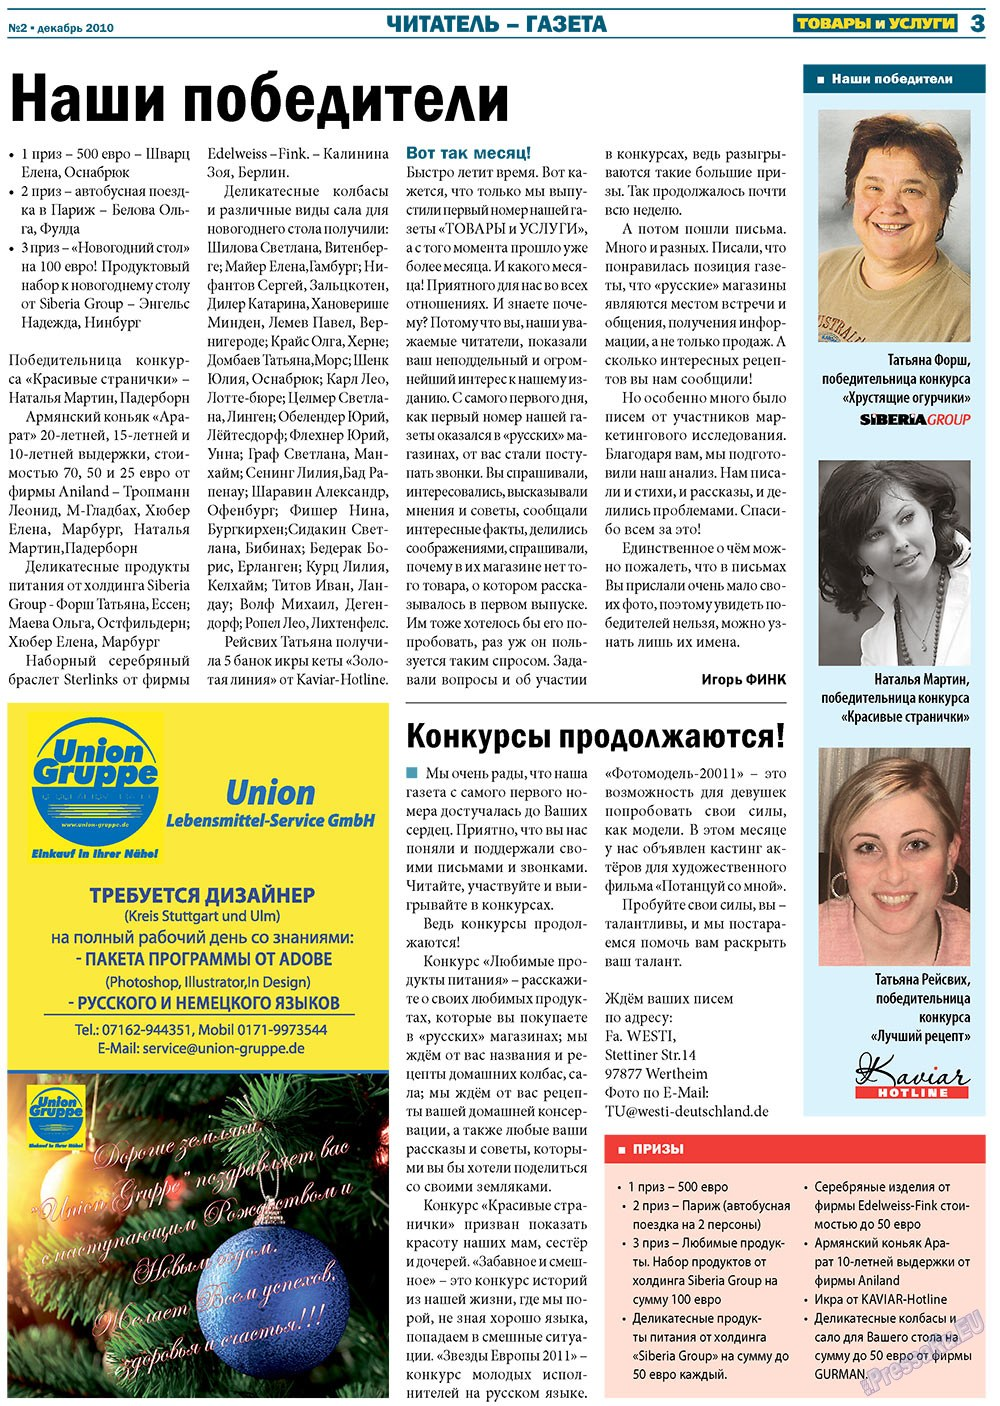 Товары и услуги (газета). 2010 год, номер 2, стр. 3